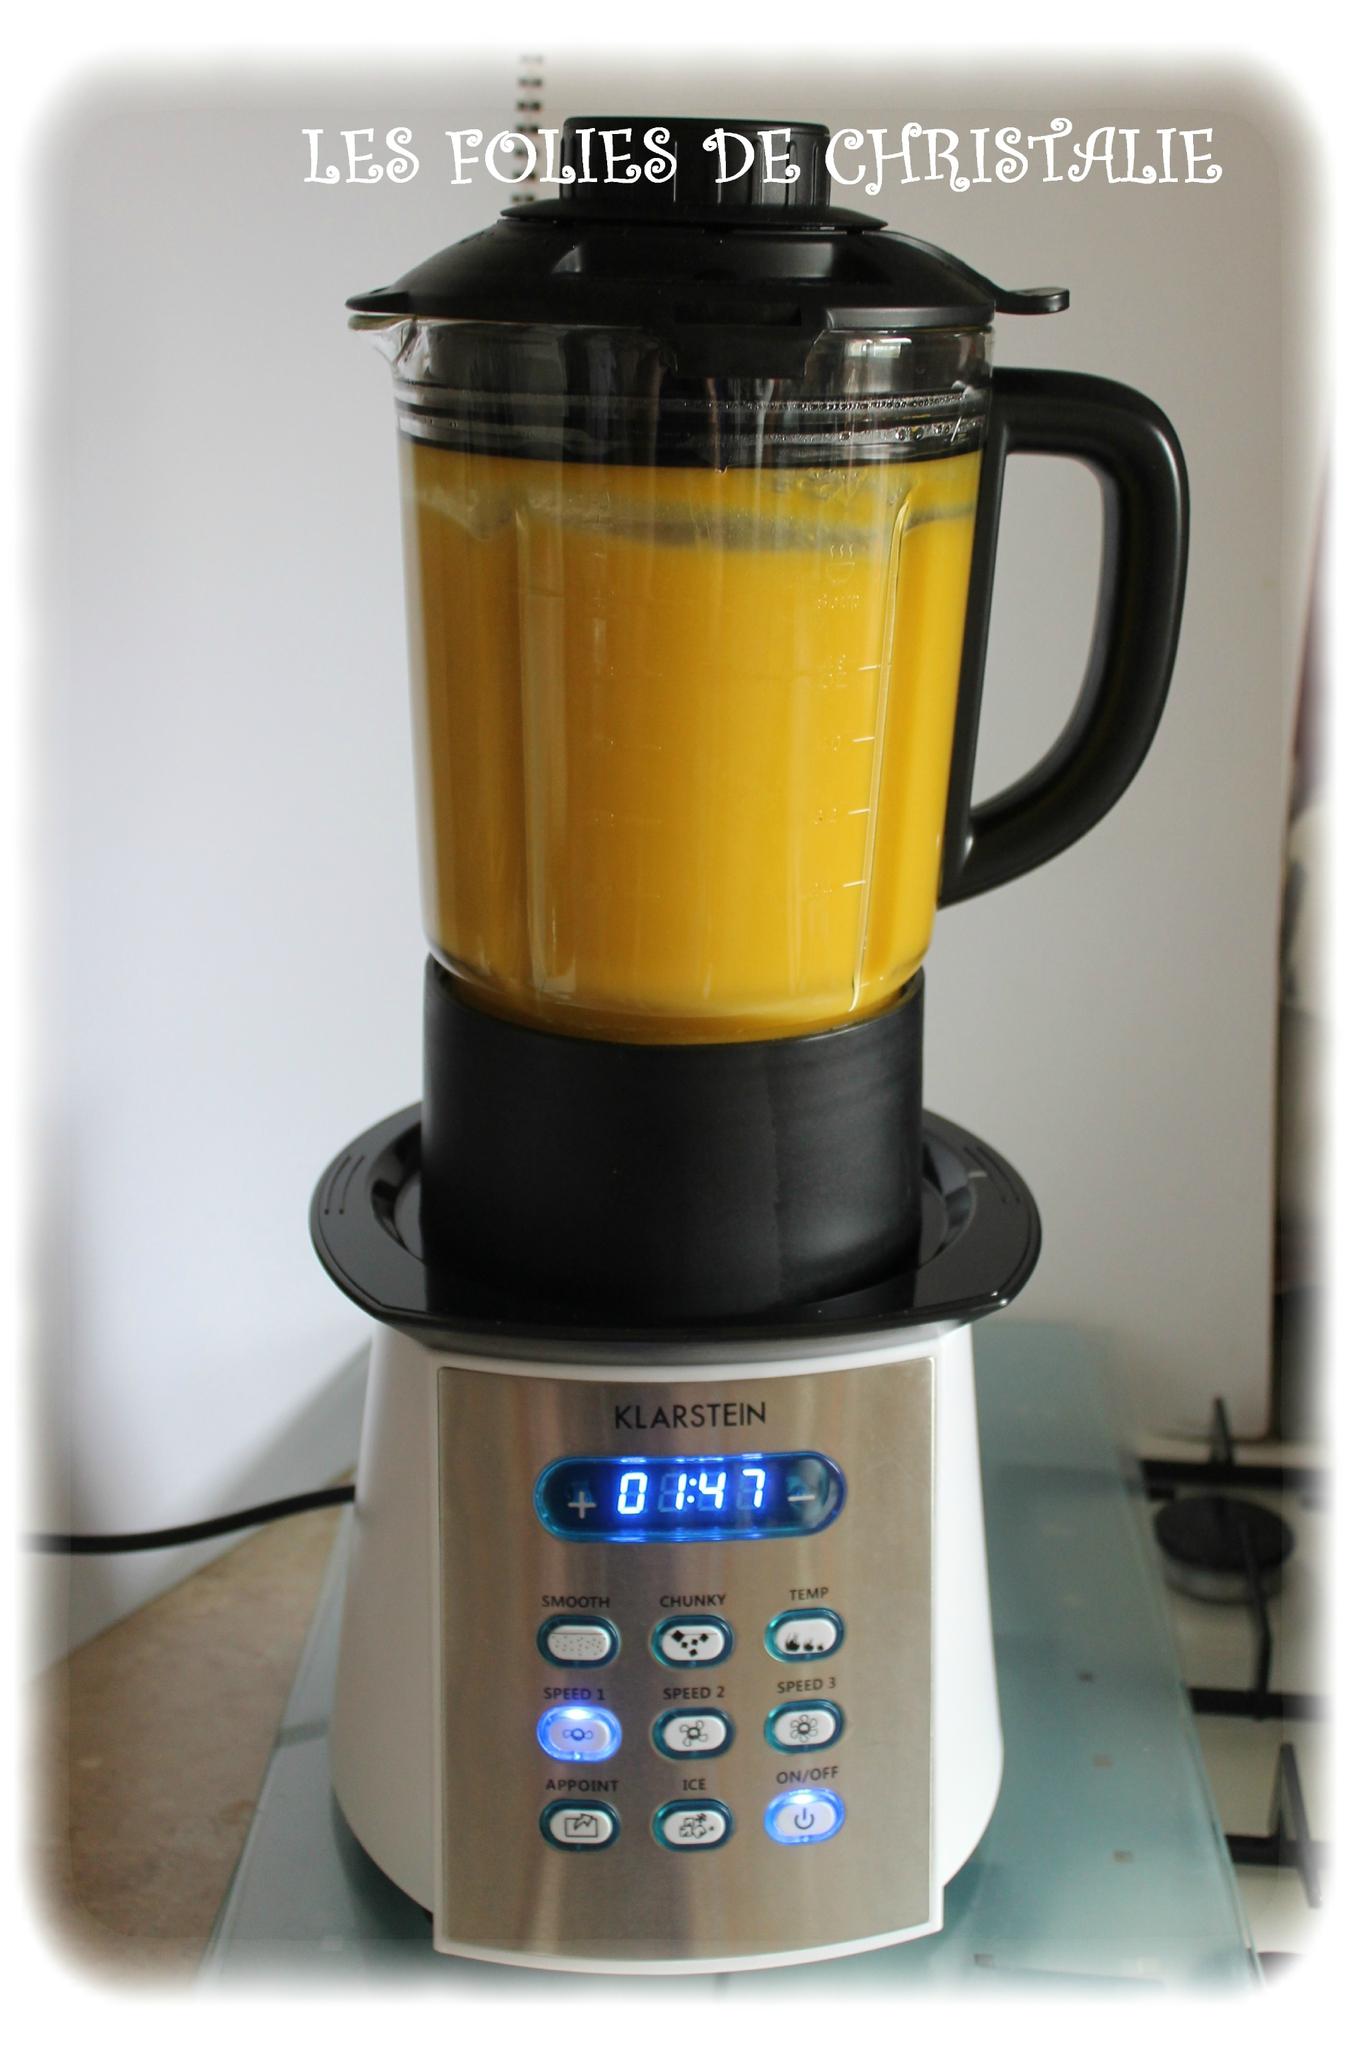 appareil pour faire soupe